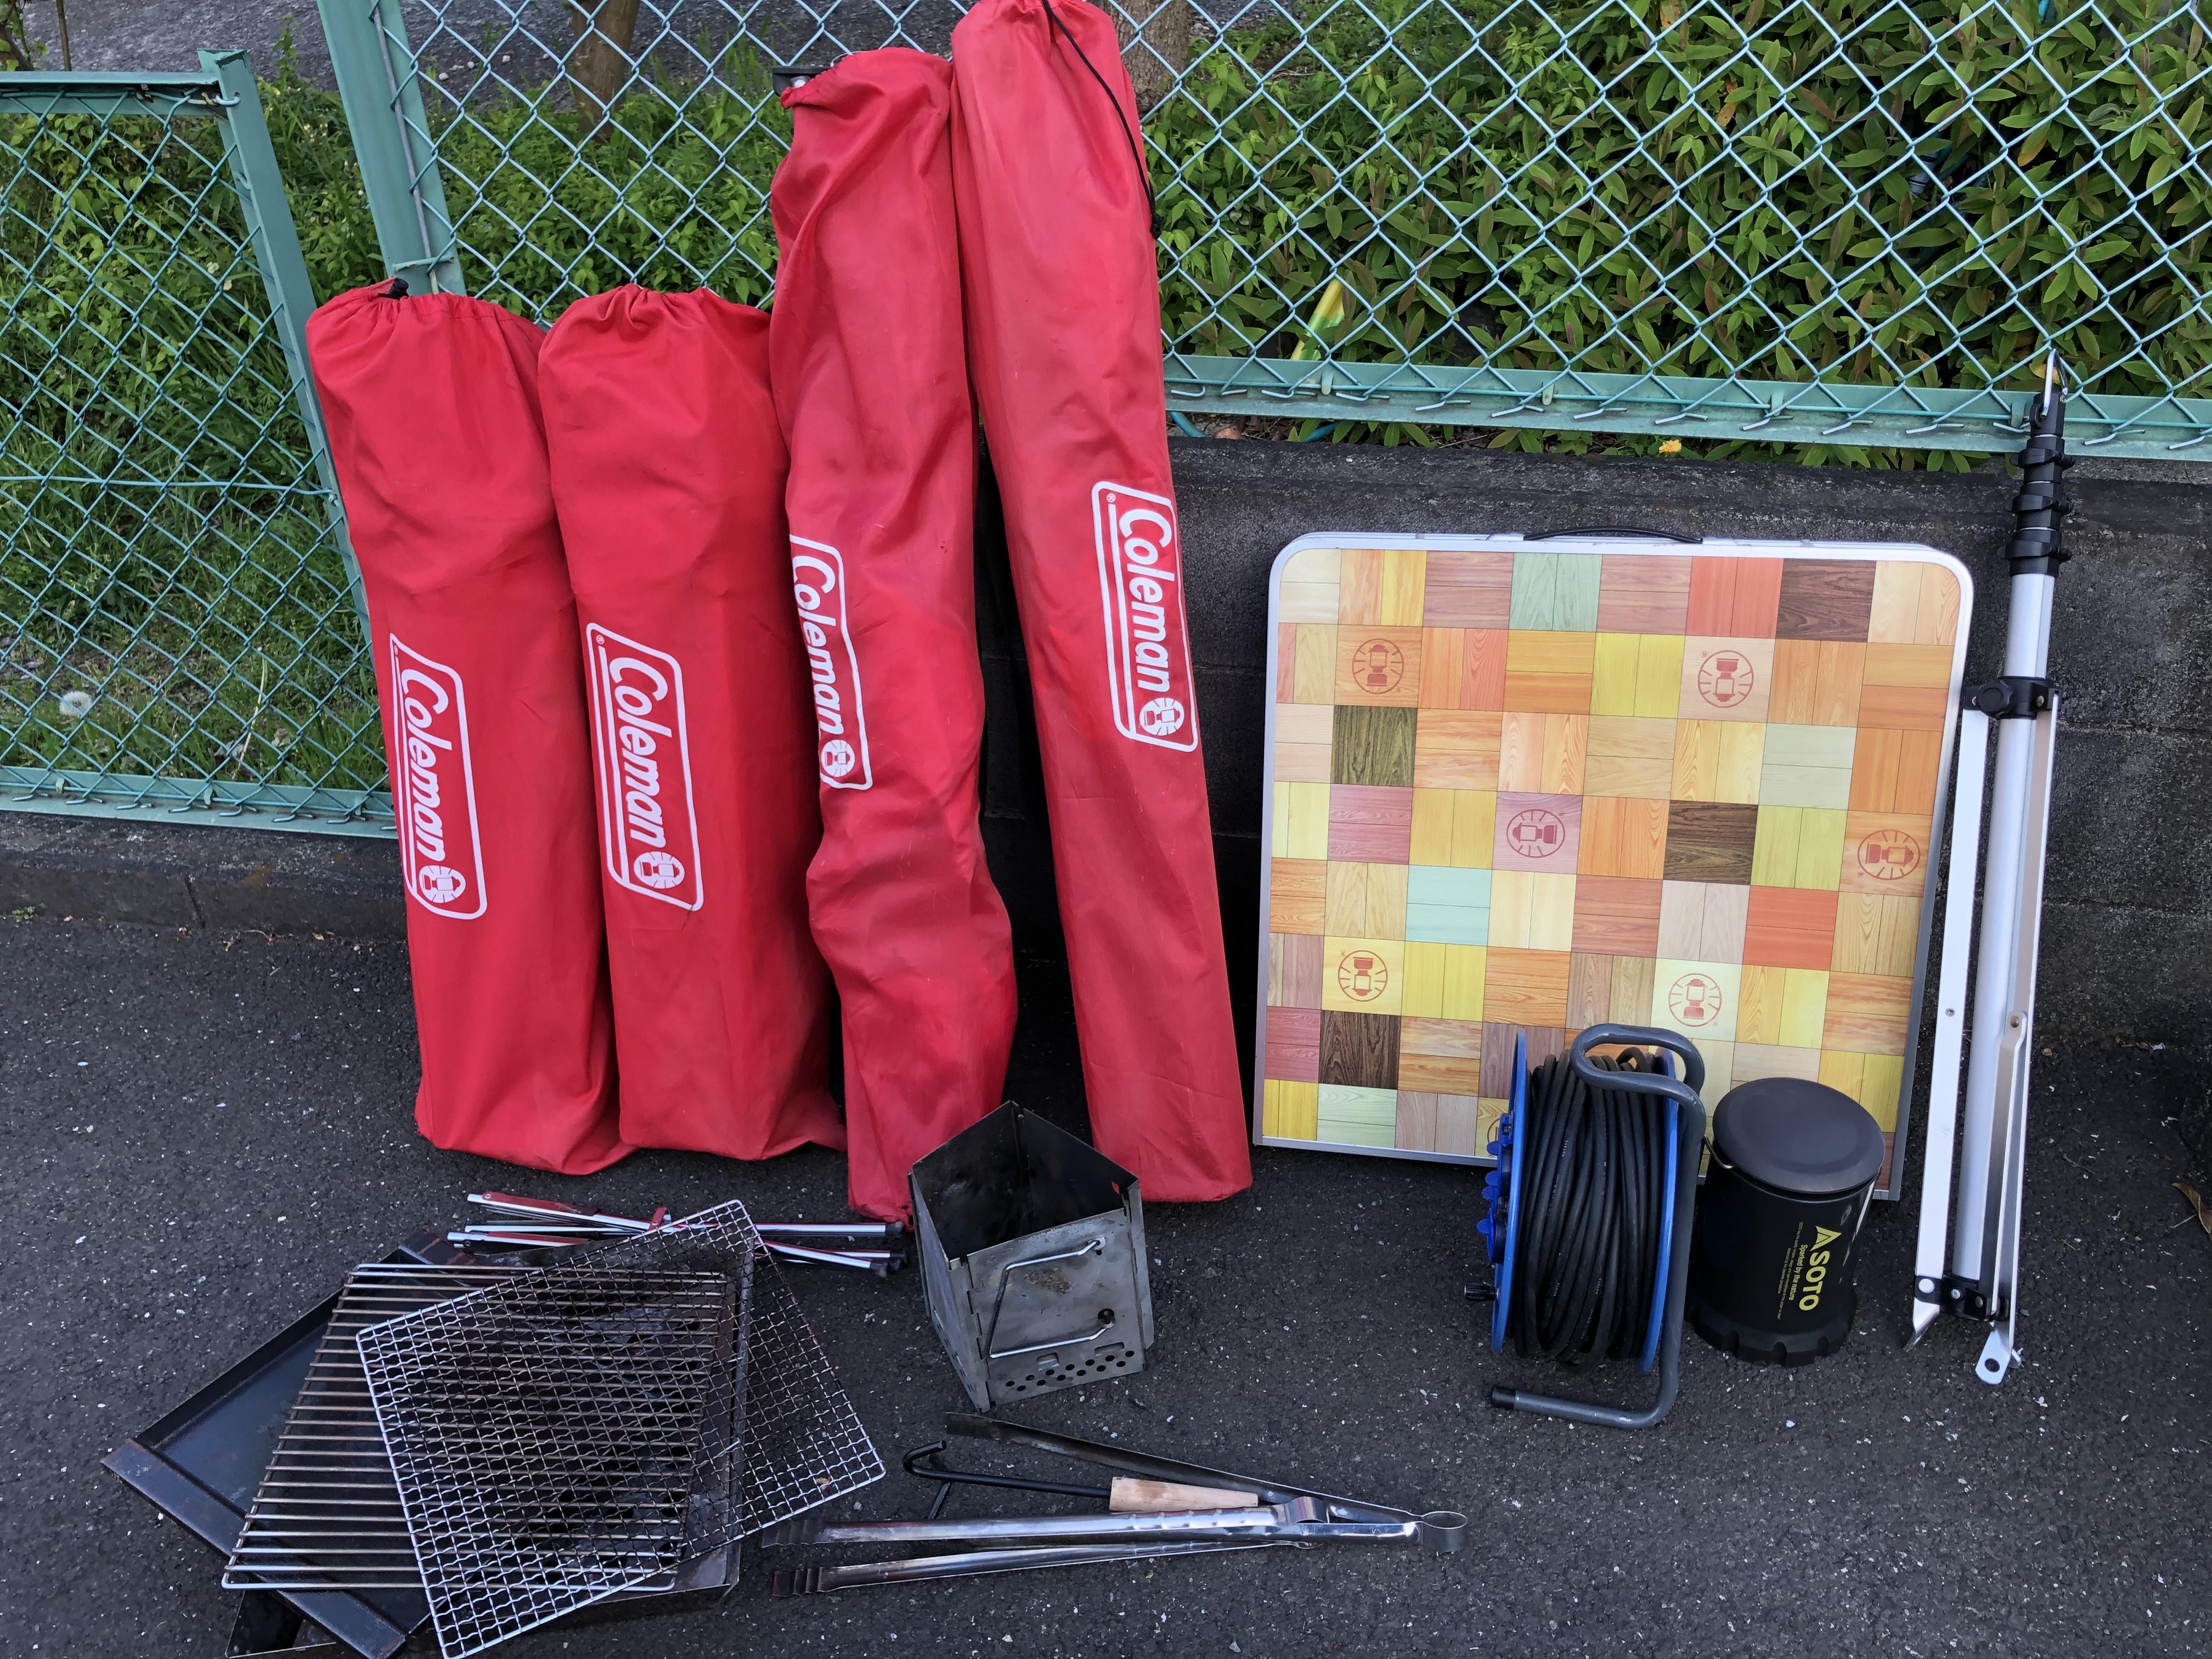 無料オプション 椅子4脚 テーブル 火起こし器 ファイアーグリル(金網 鉄板 ロストル)ガス式ランタン ランタンポール 延長コード